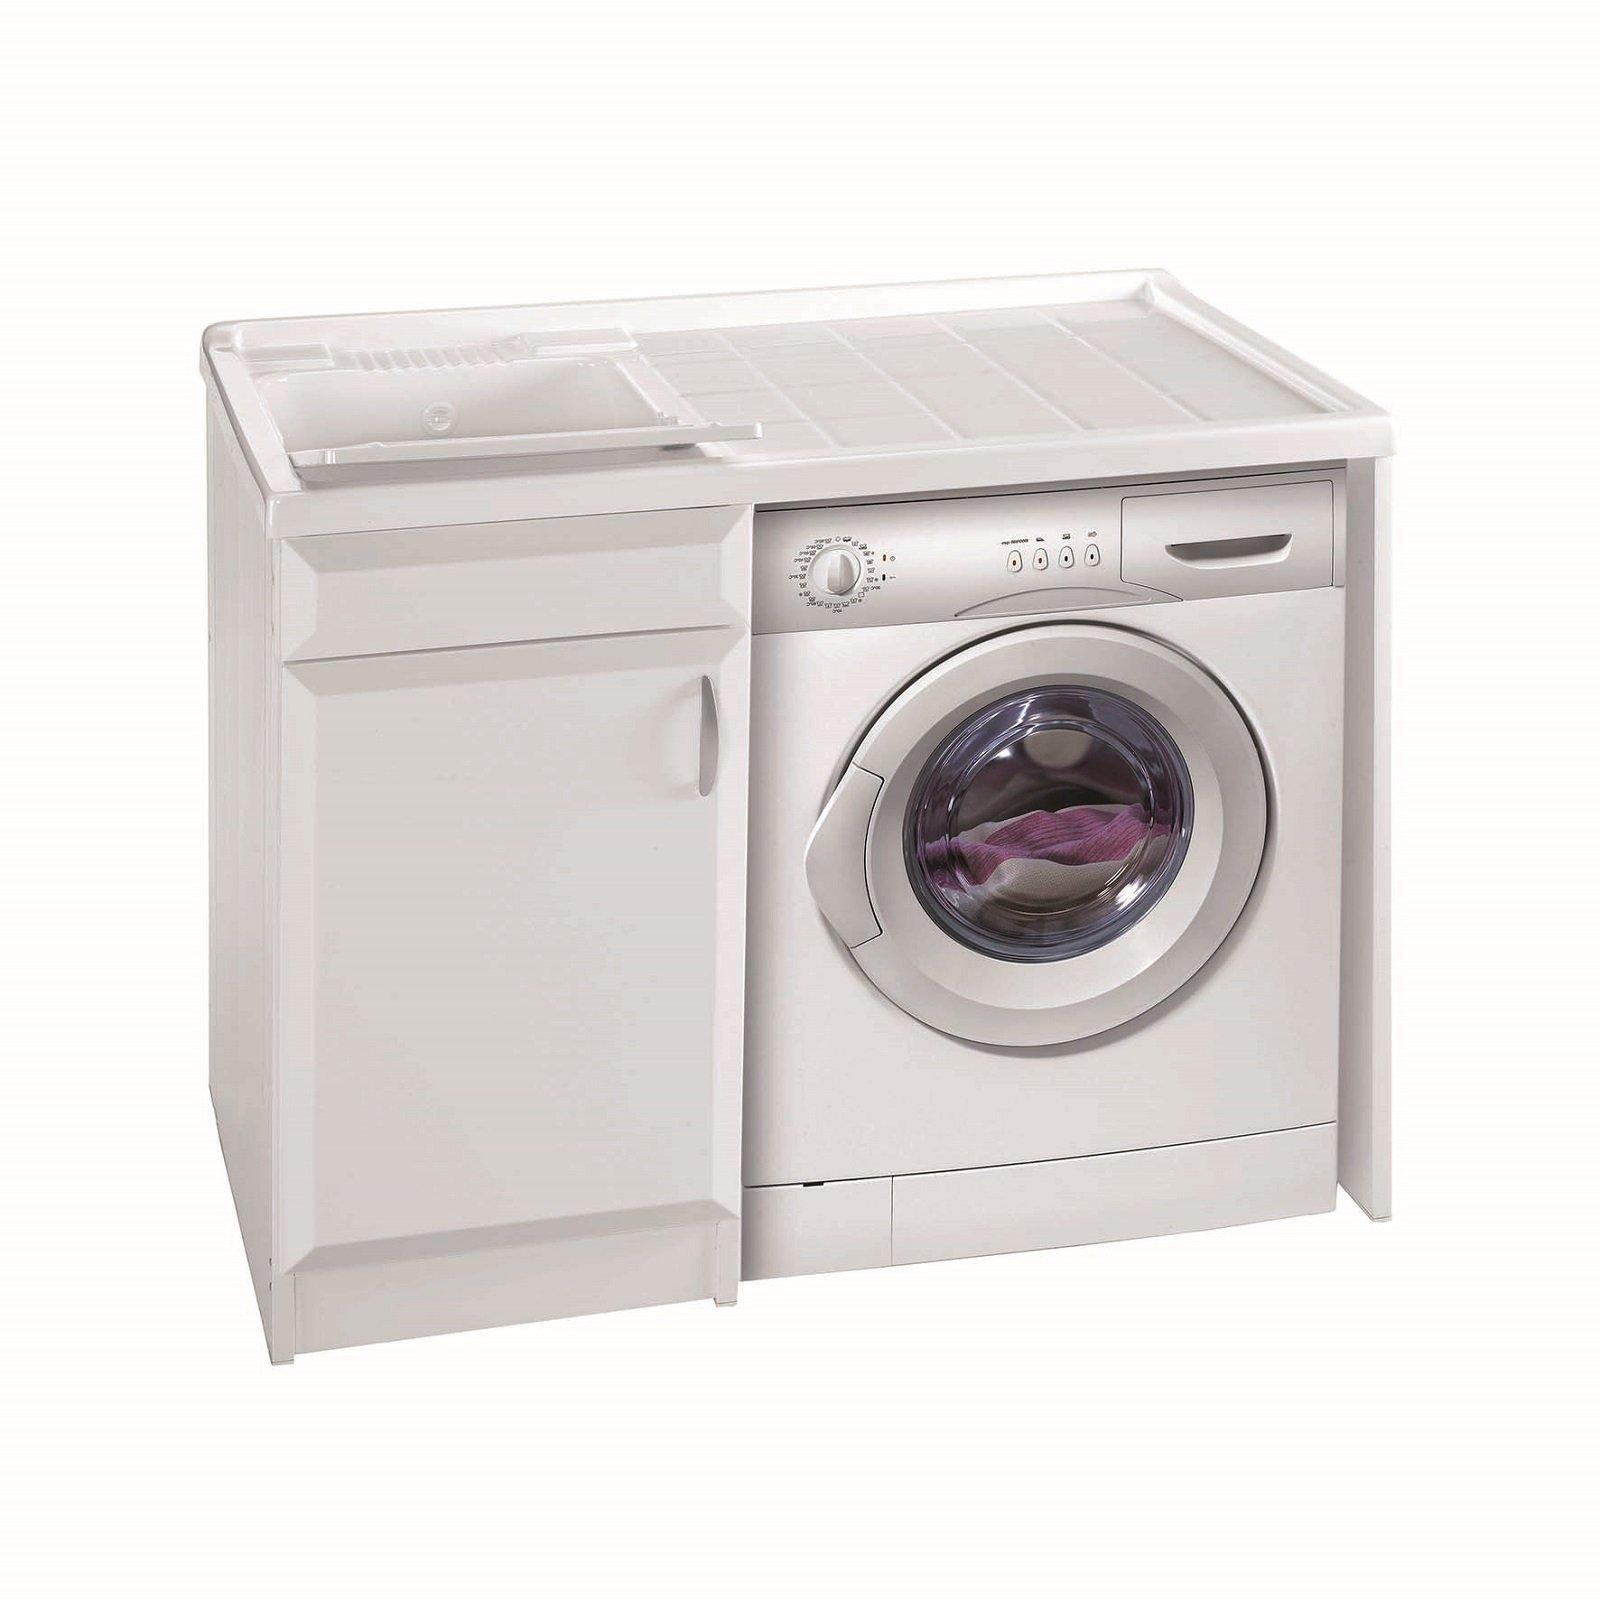 Mobile Lavello E Lavatrice lavanderia in bagno: foto e composizione per nascondere